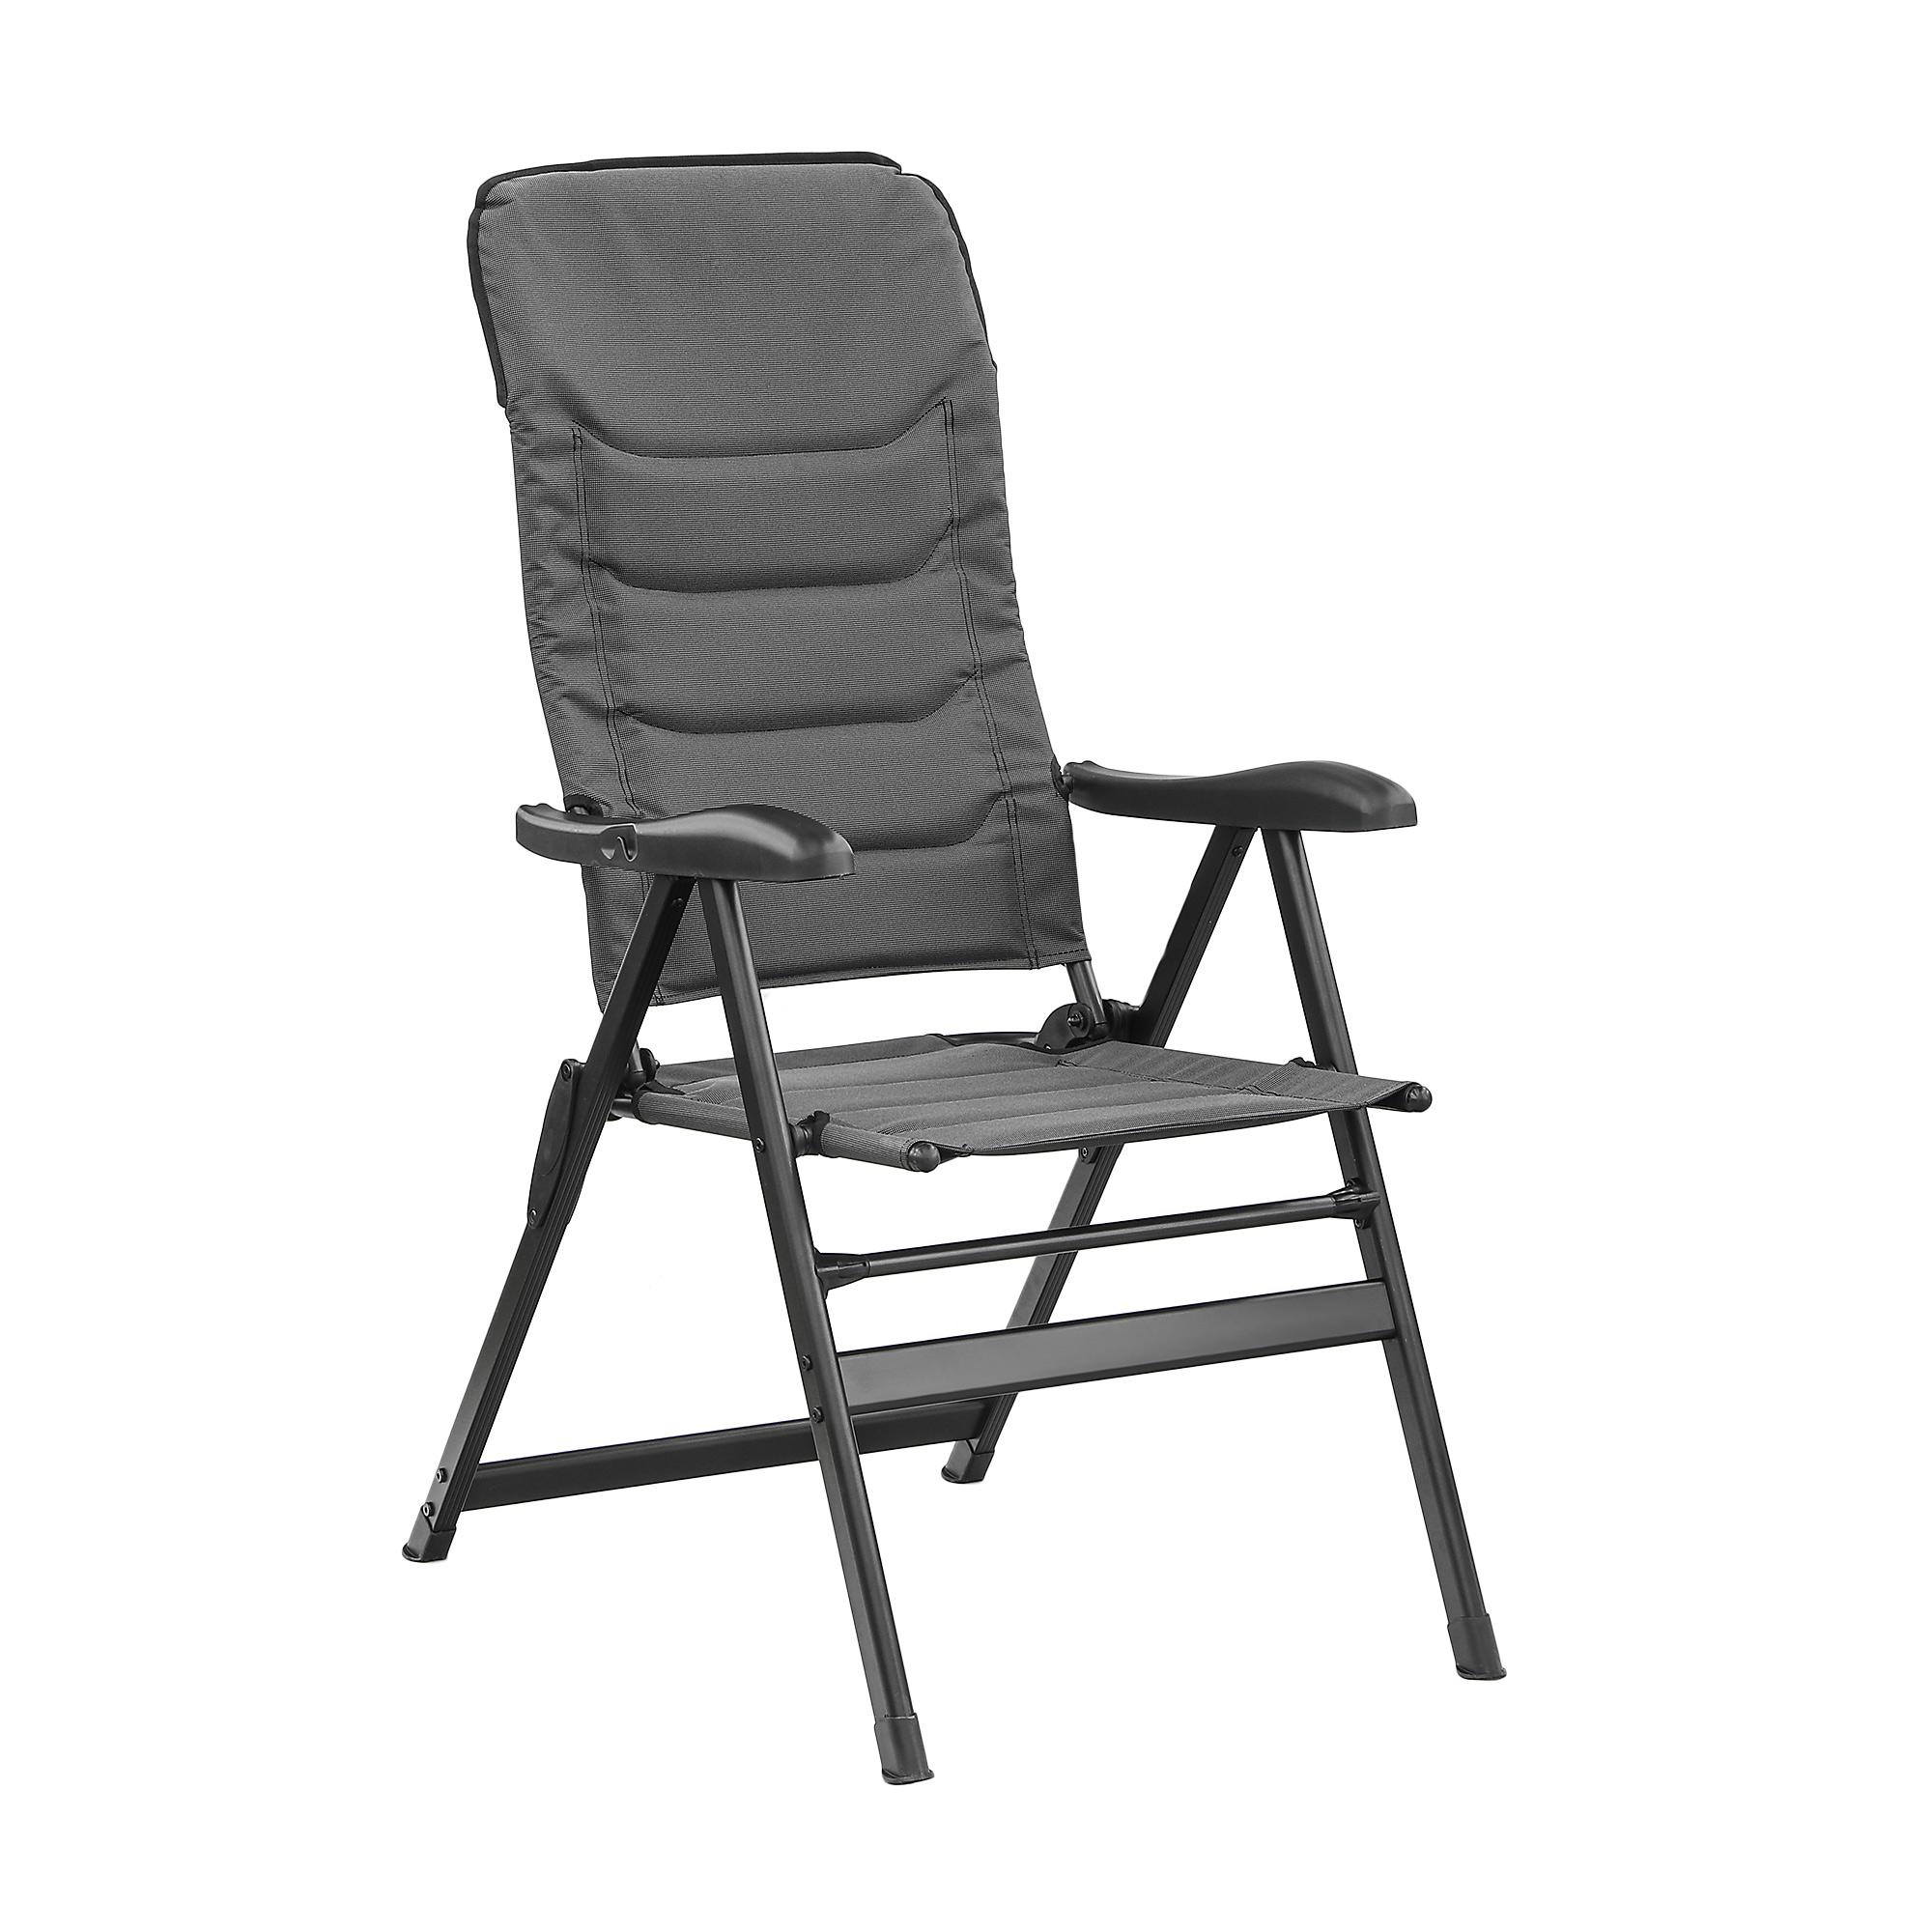 Кресло складное Koopman furniture 76x57x118cm кресло greenhouse hfc 058 складное